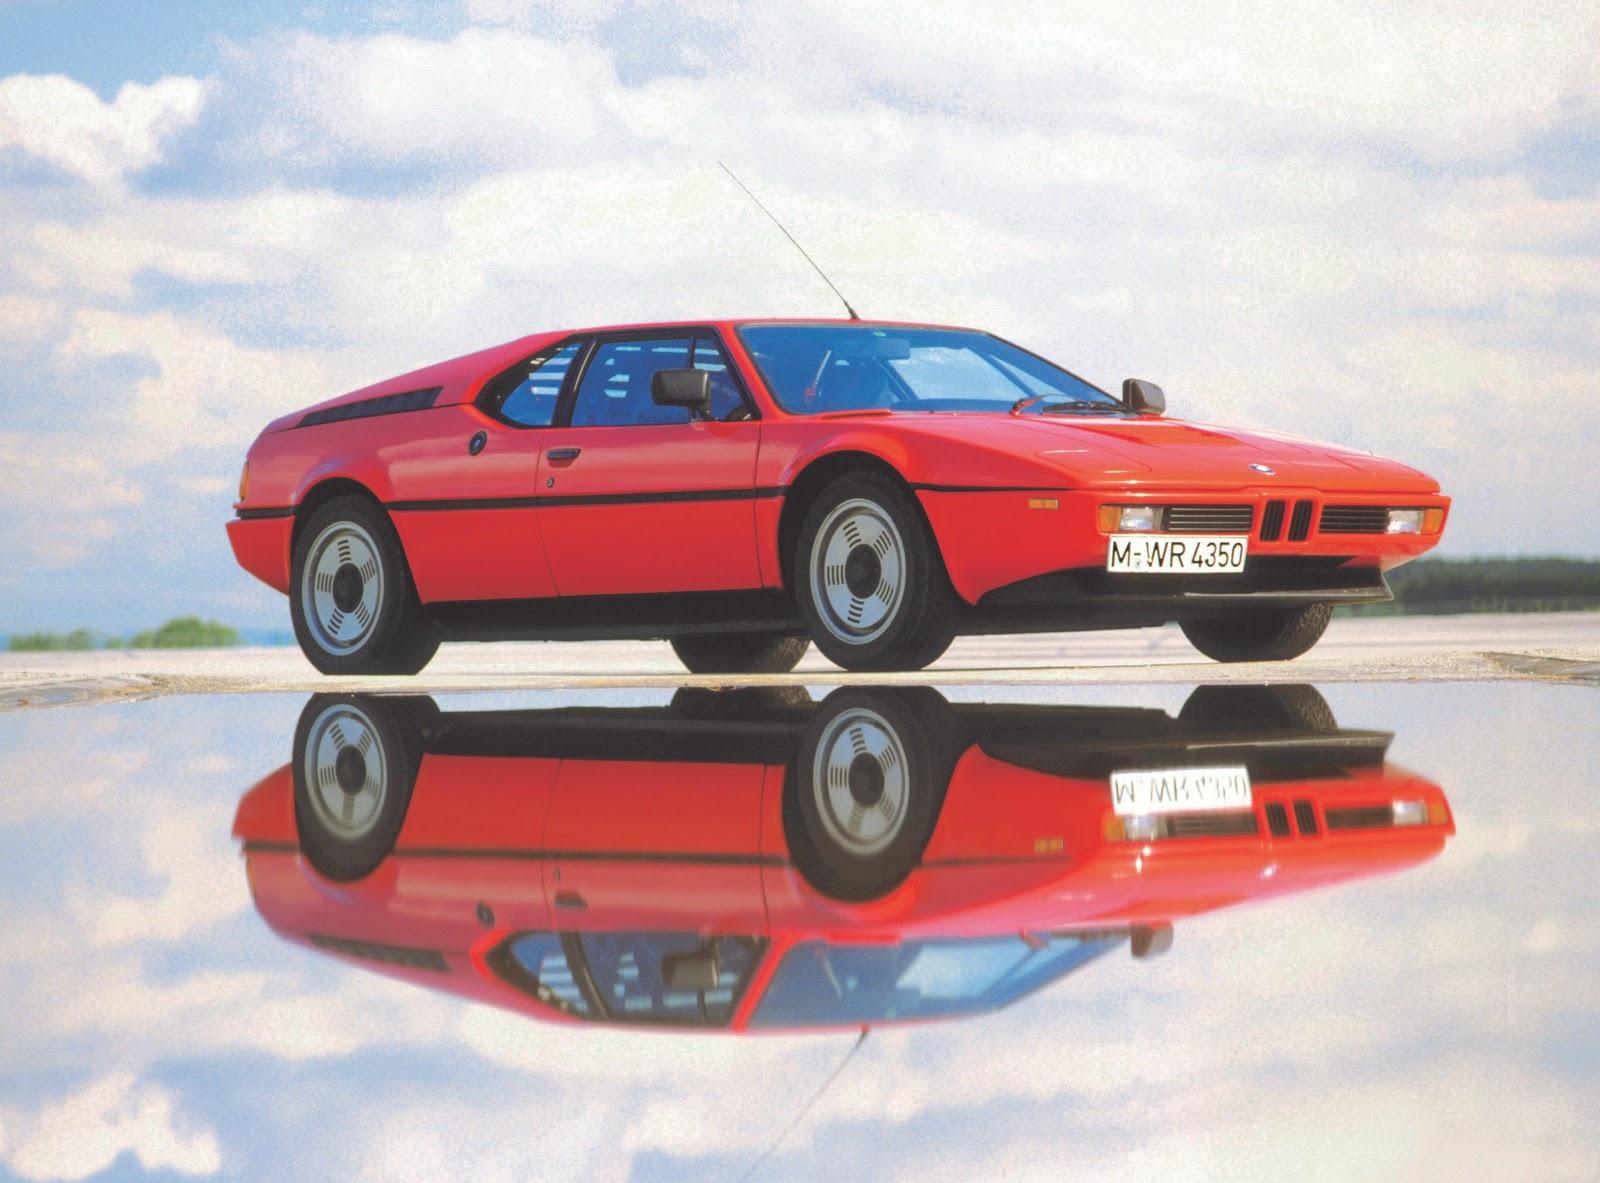 P0007901 M1, το ξεχασμένο διαμάντι της BMW BMW, BMW Group Classic, BMW M1, BMW M1 ProCar, Classic, historic, M1, retrocar, retrocar sunday, Sunday, zblog